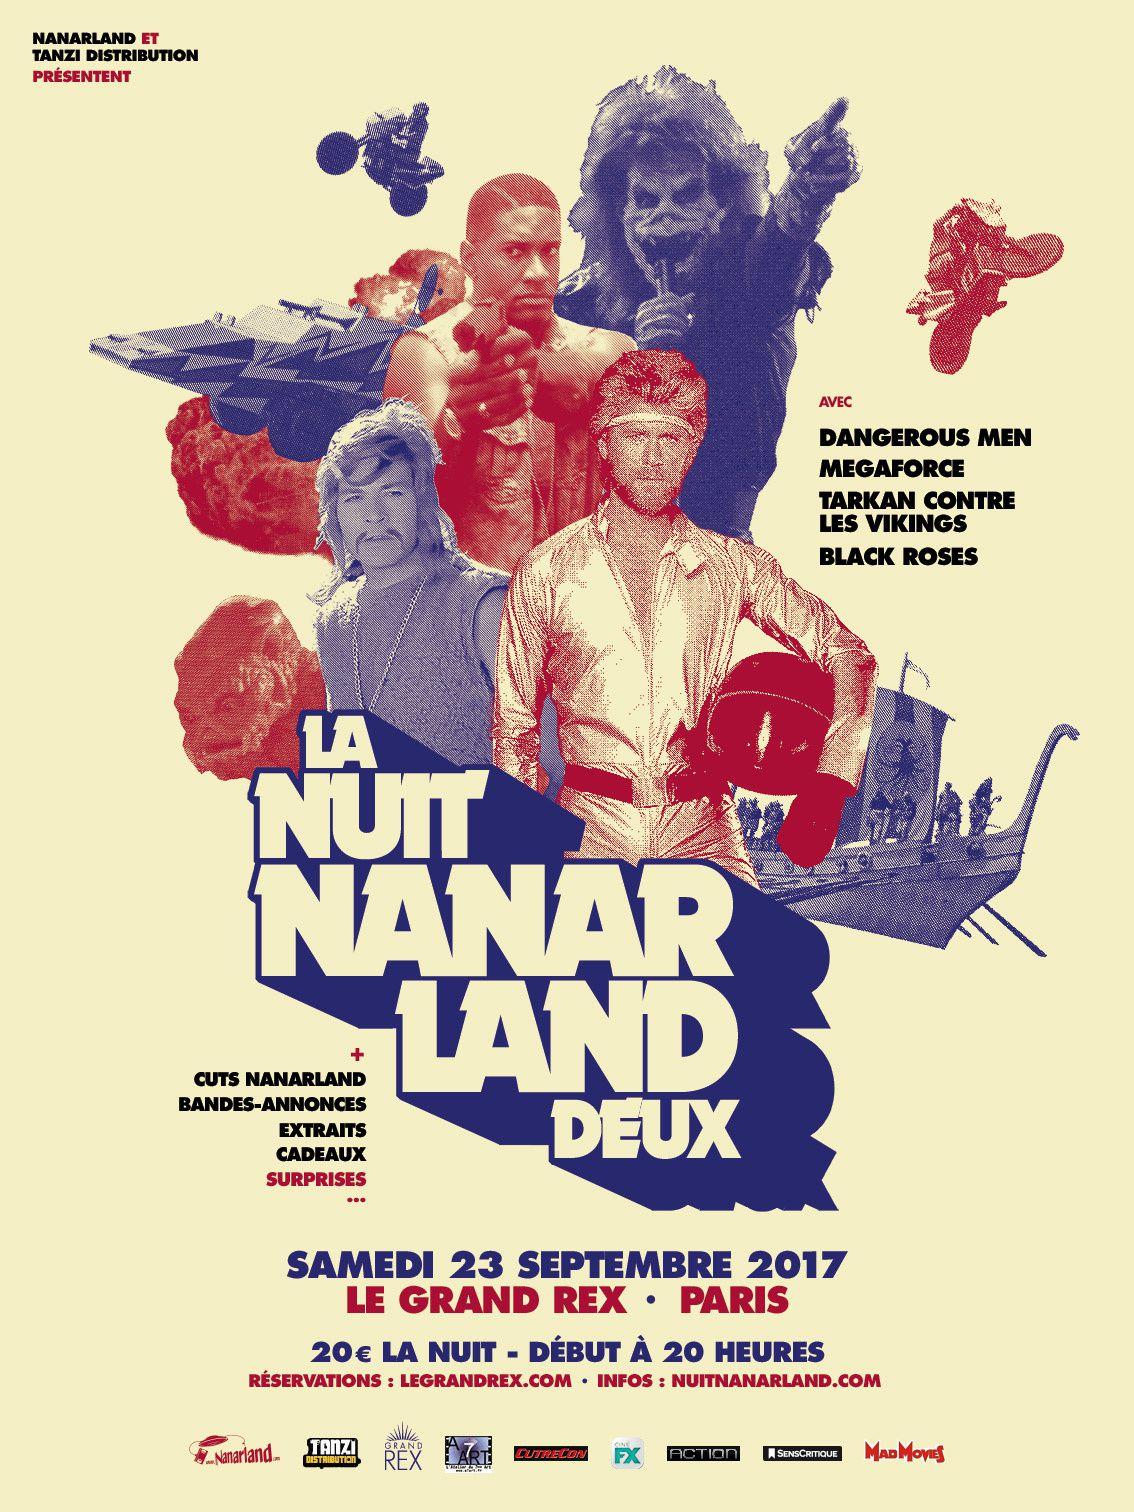 A voir ce week-end au Grand Rex à Paris : la seconde nuit Nanarland.